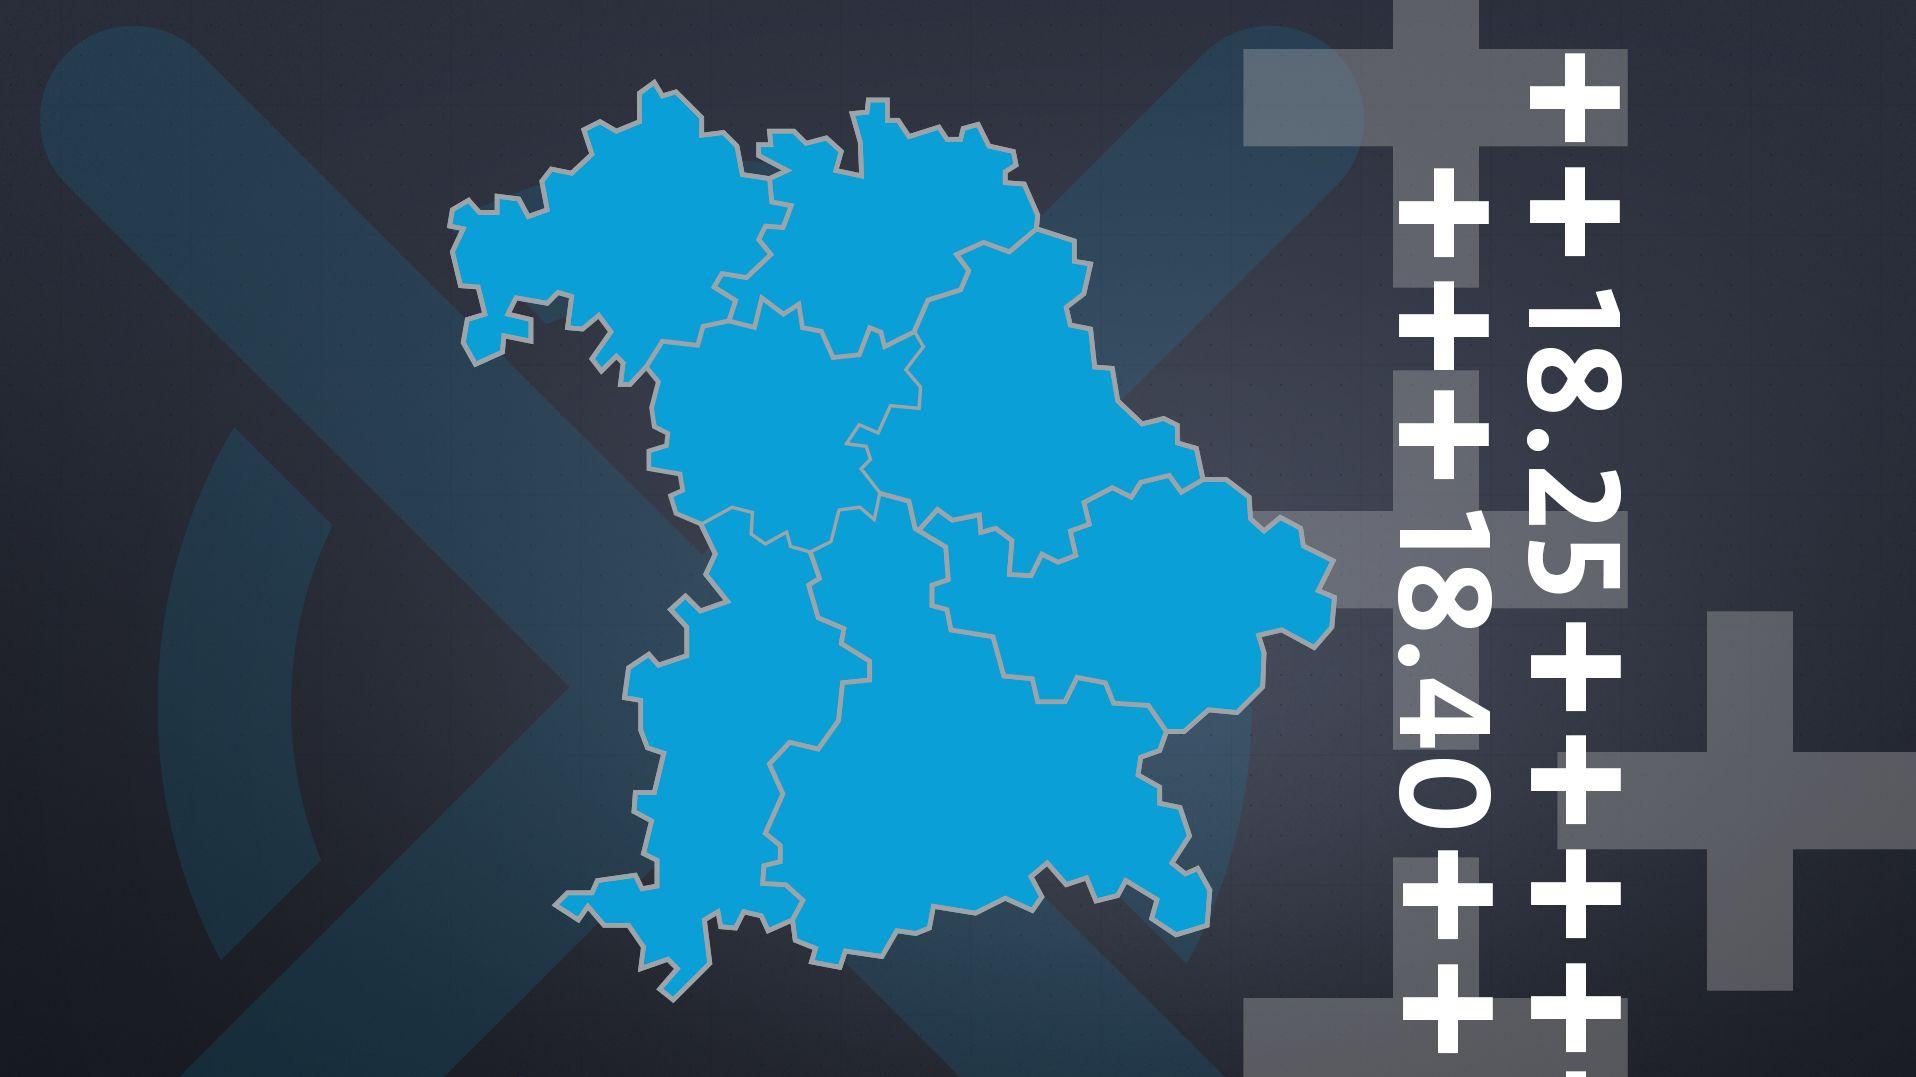 Kommunalwahl in Bayern: Der Stichwahl-Ticker